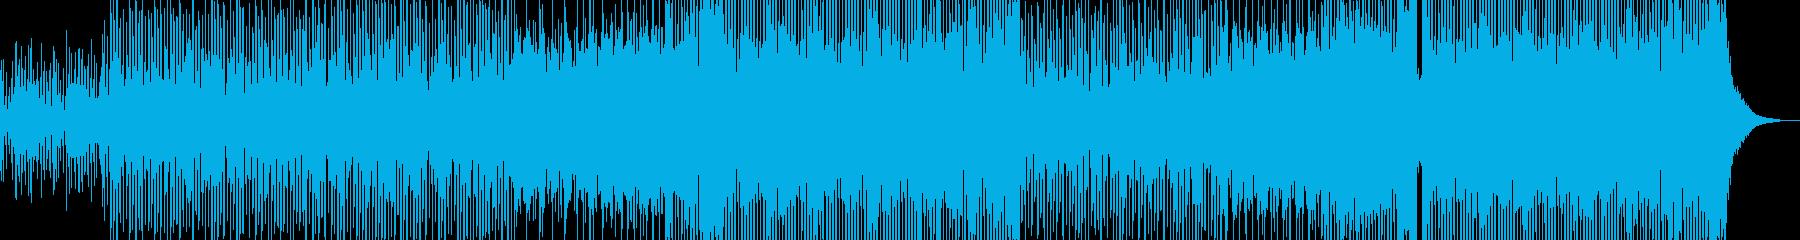 冬恋・2人を彩るテクノポップ ギター有の再生済みの波形